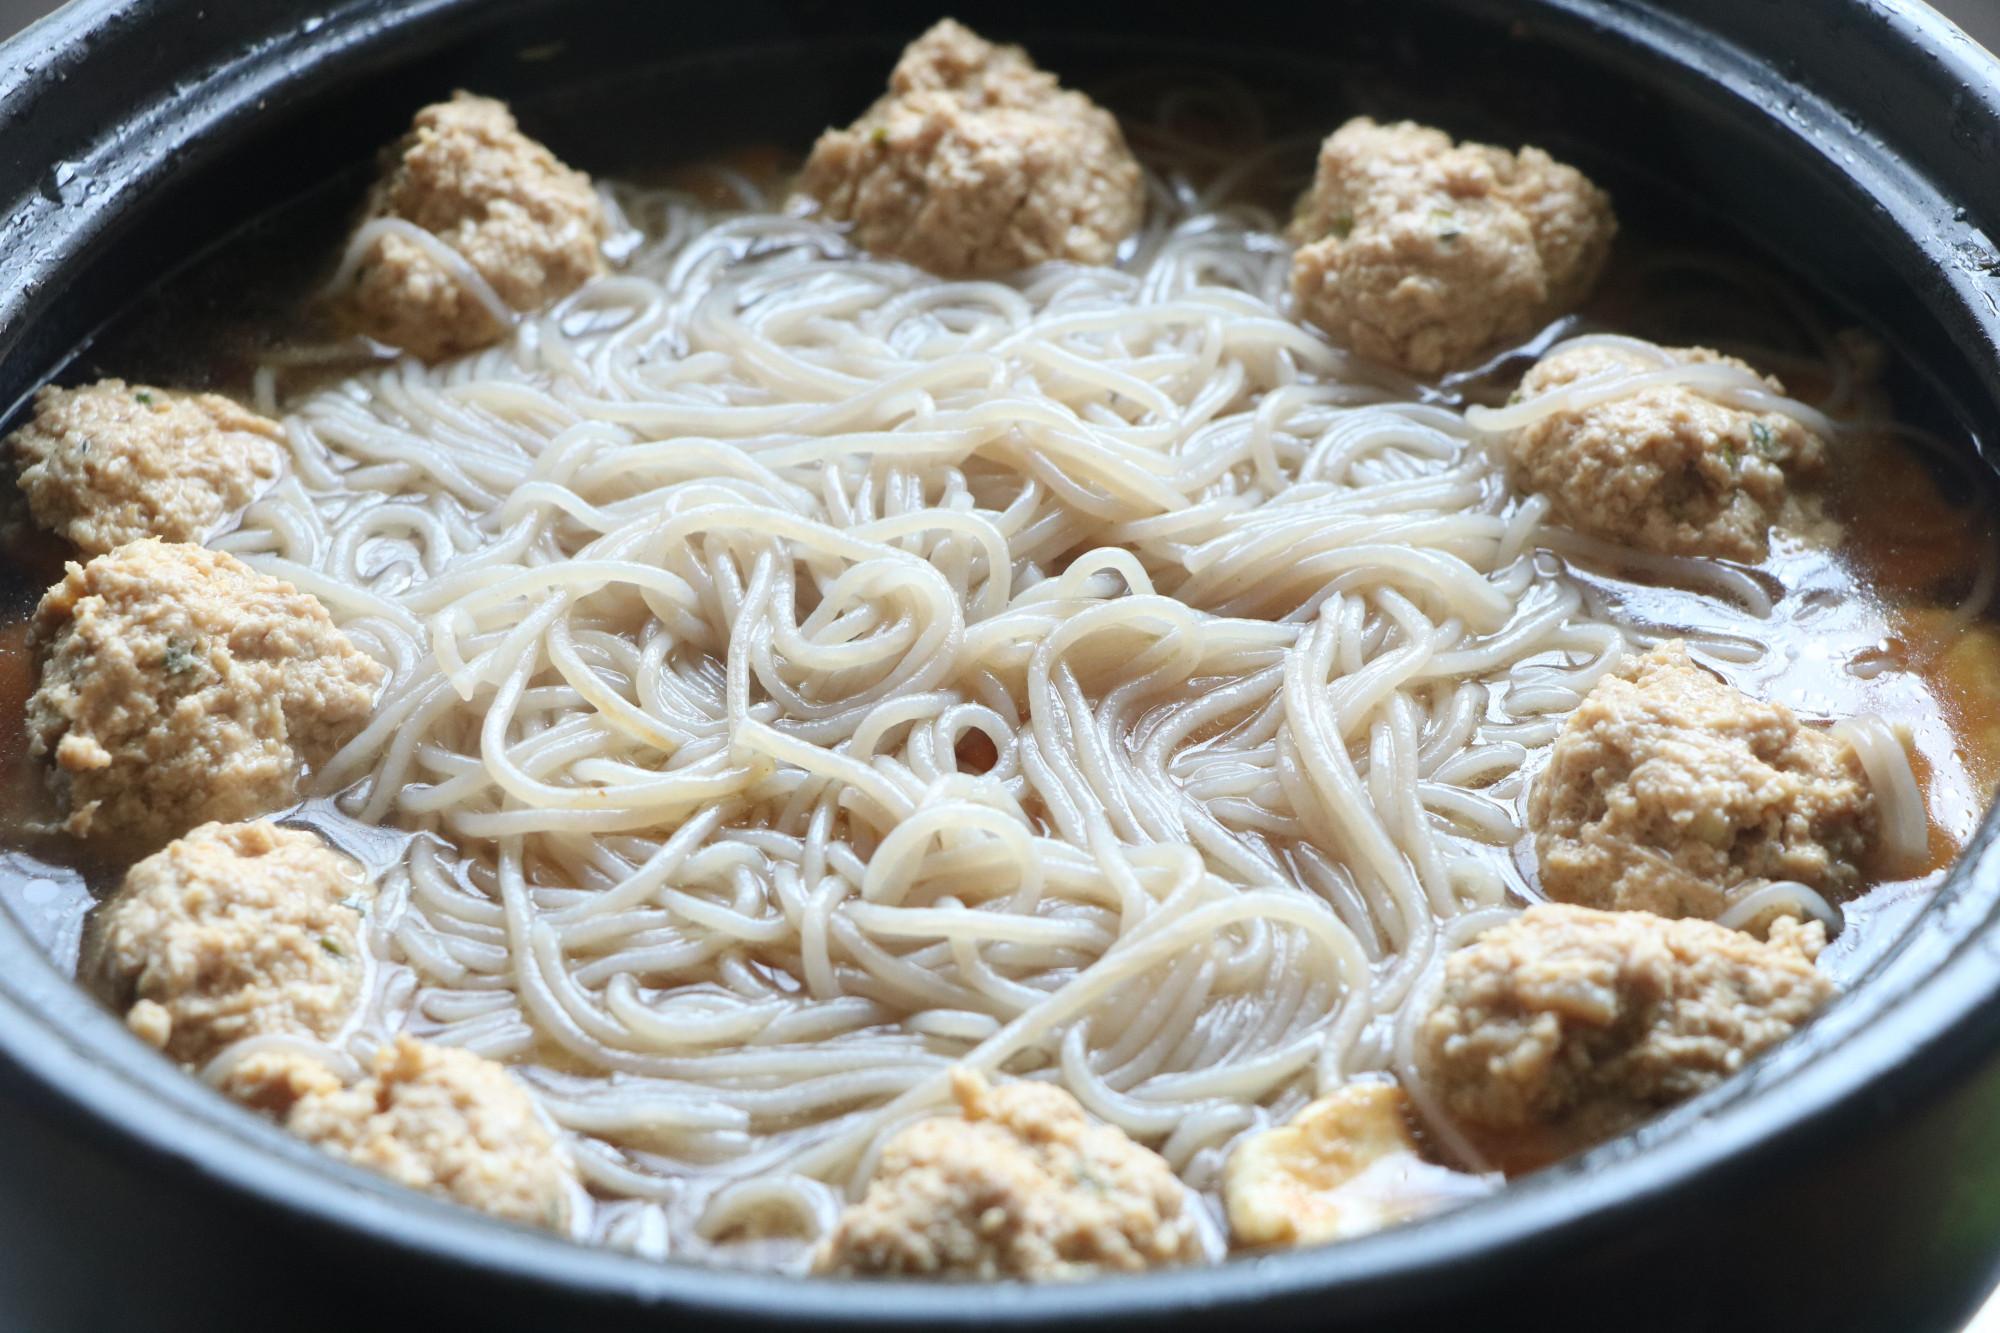 天冷了就愛這一鍋燉菜,湯汁多好下飯,營養豐富,吃著全身暖和